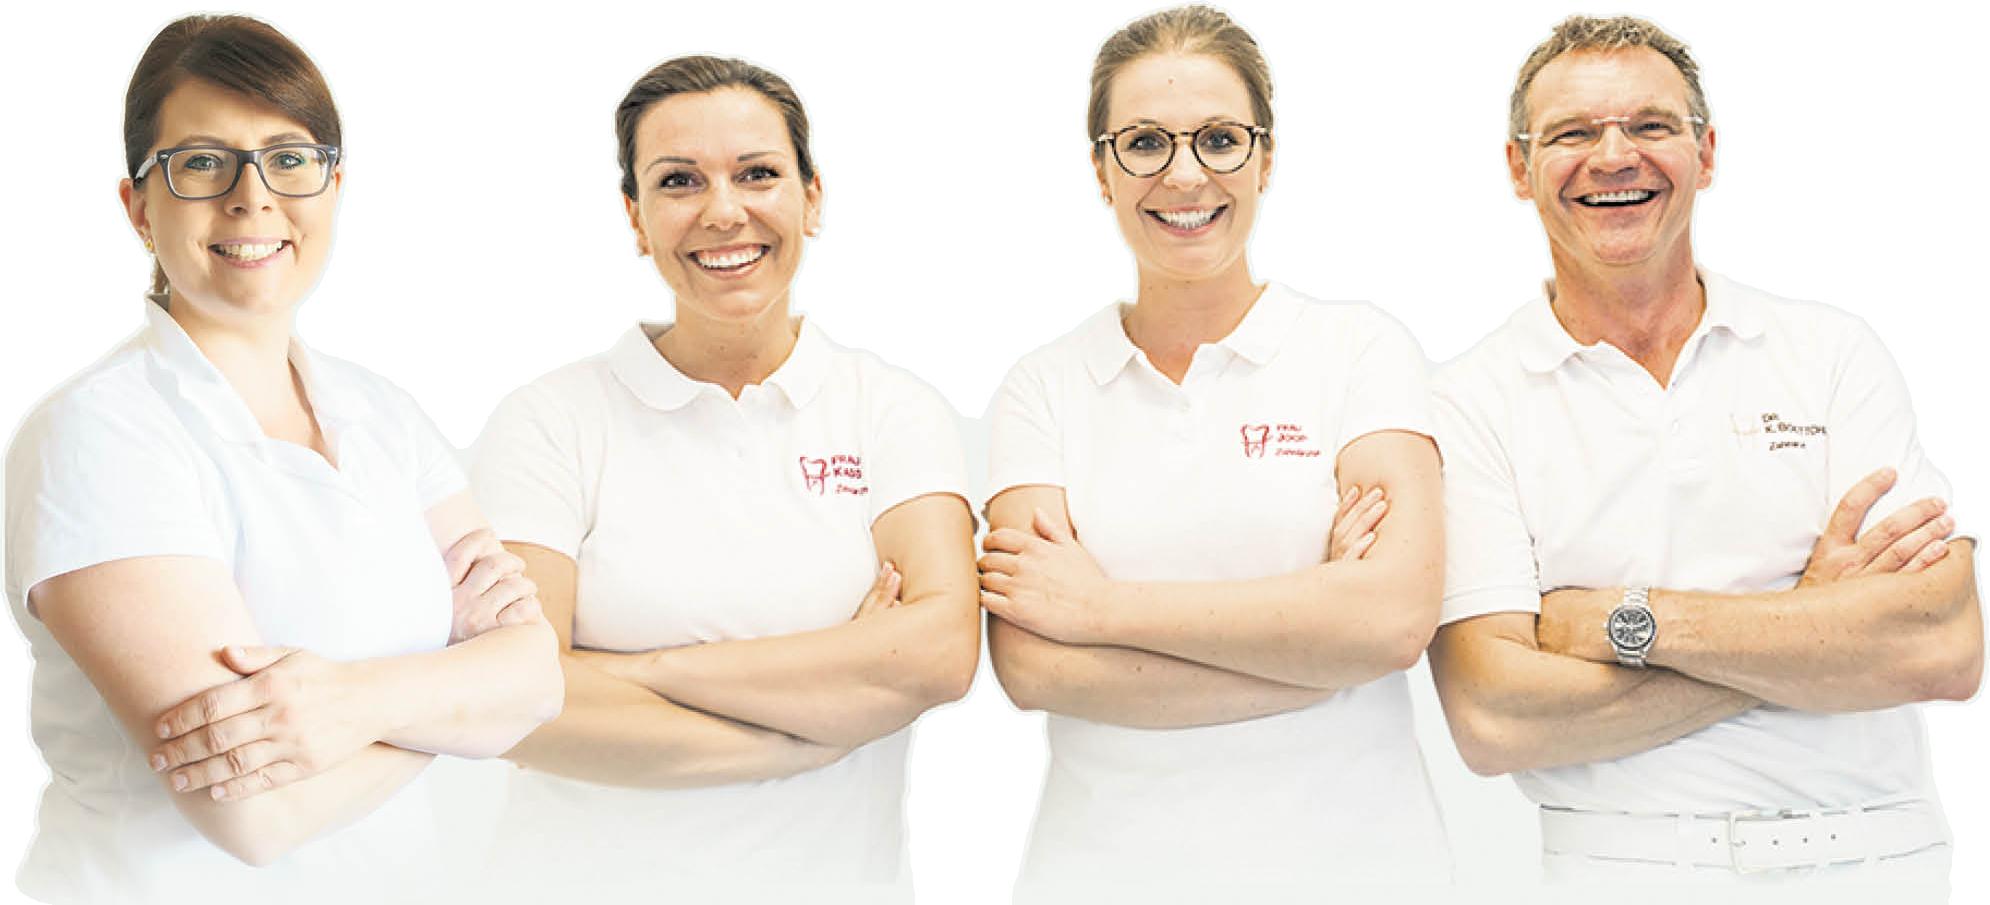 Foto Praxisteam Dr. Boettcher, Dr. Joop, Frau Kass - Zahnarzt in Hameln